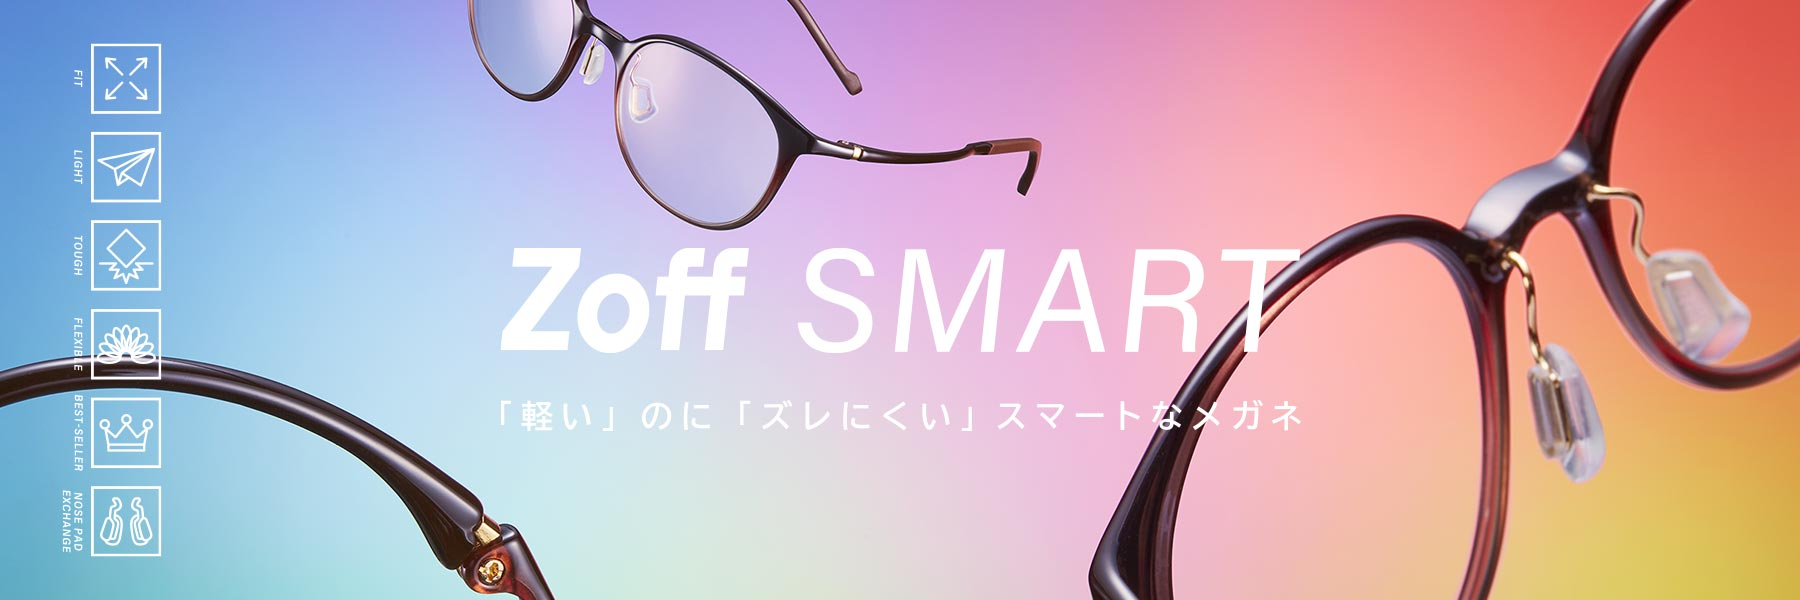 Zoff SMART